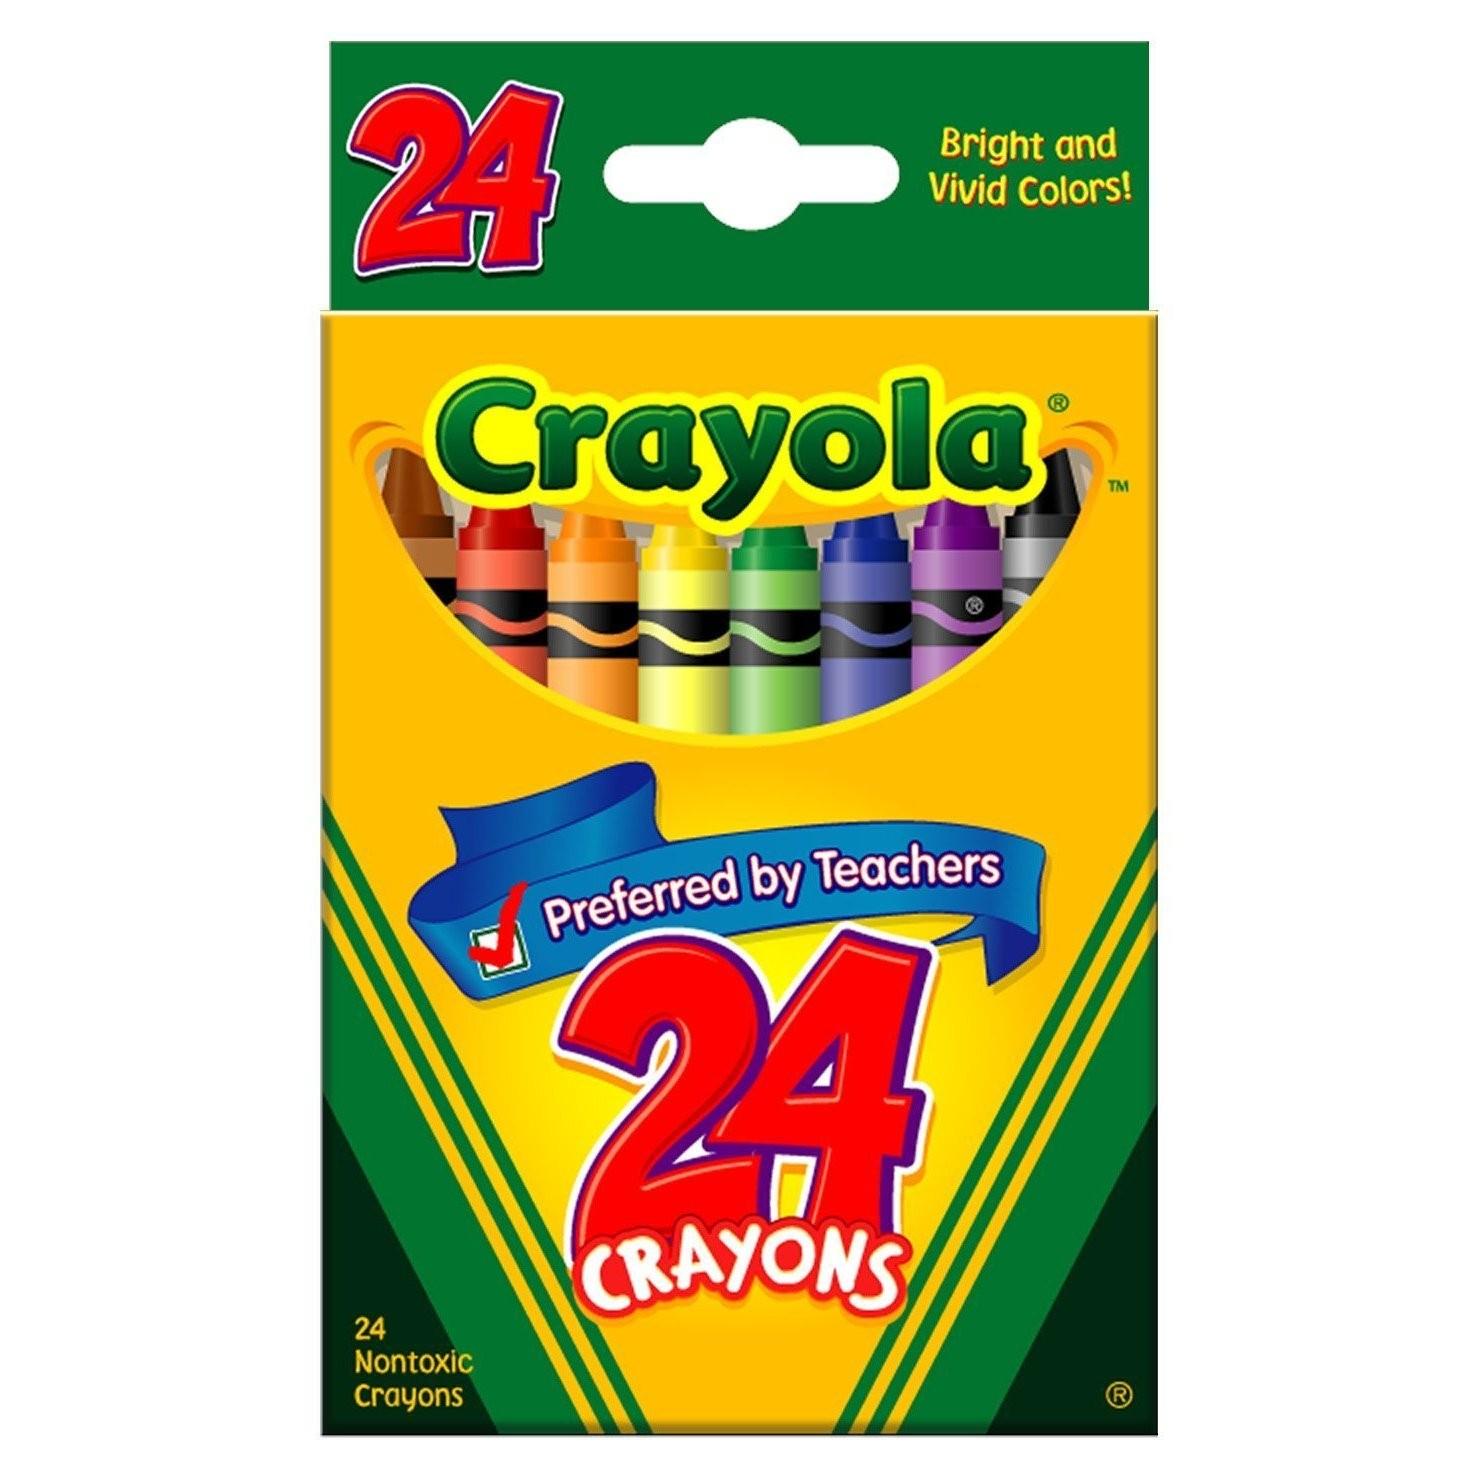 PNG Crayon Box - 133419